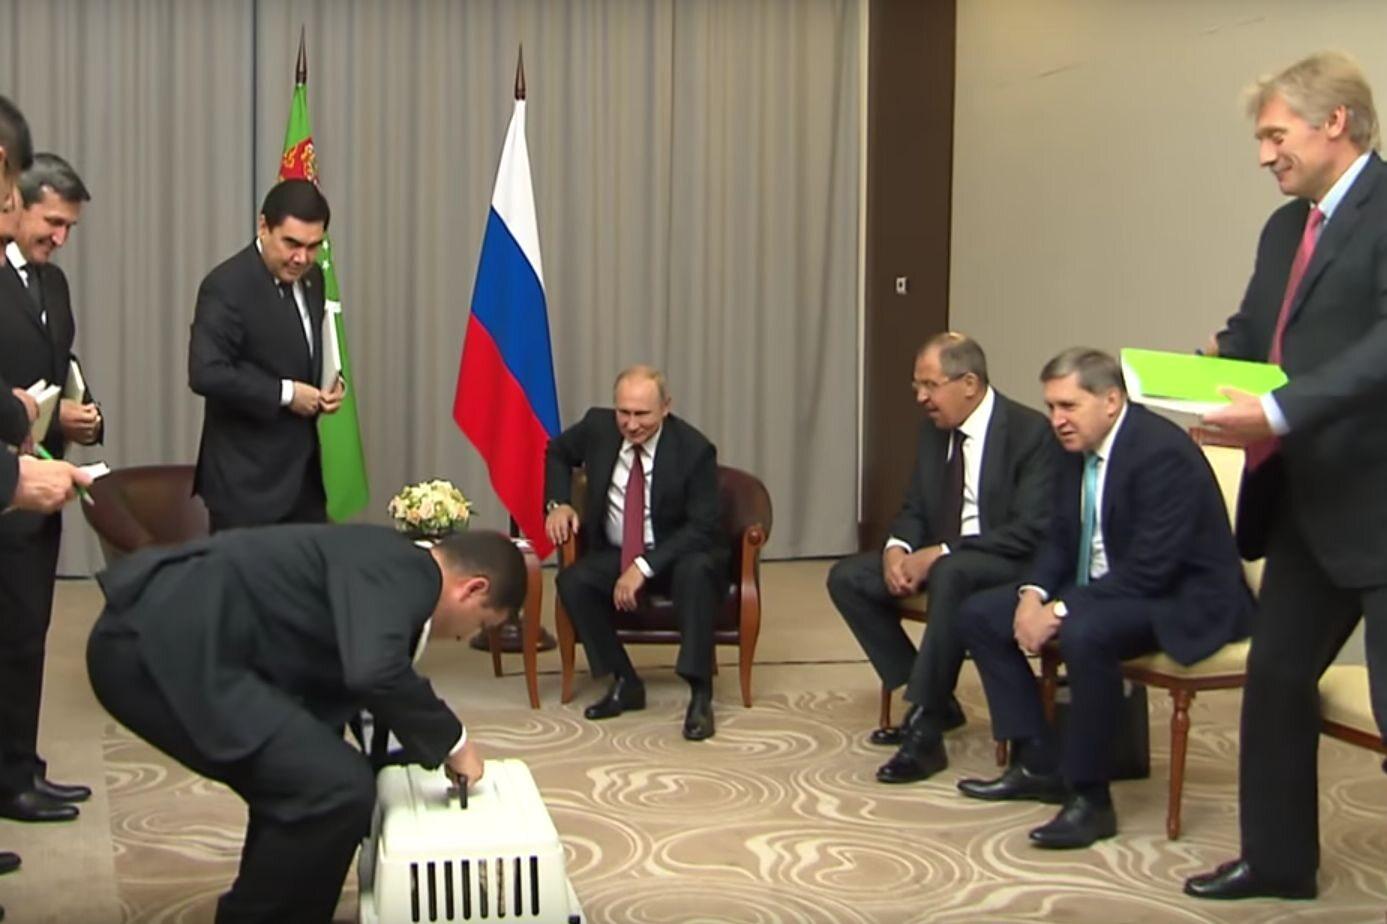 Nietypowy prezent dla Putina od prezydenta Turkmenistanu